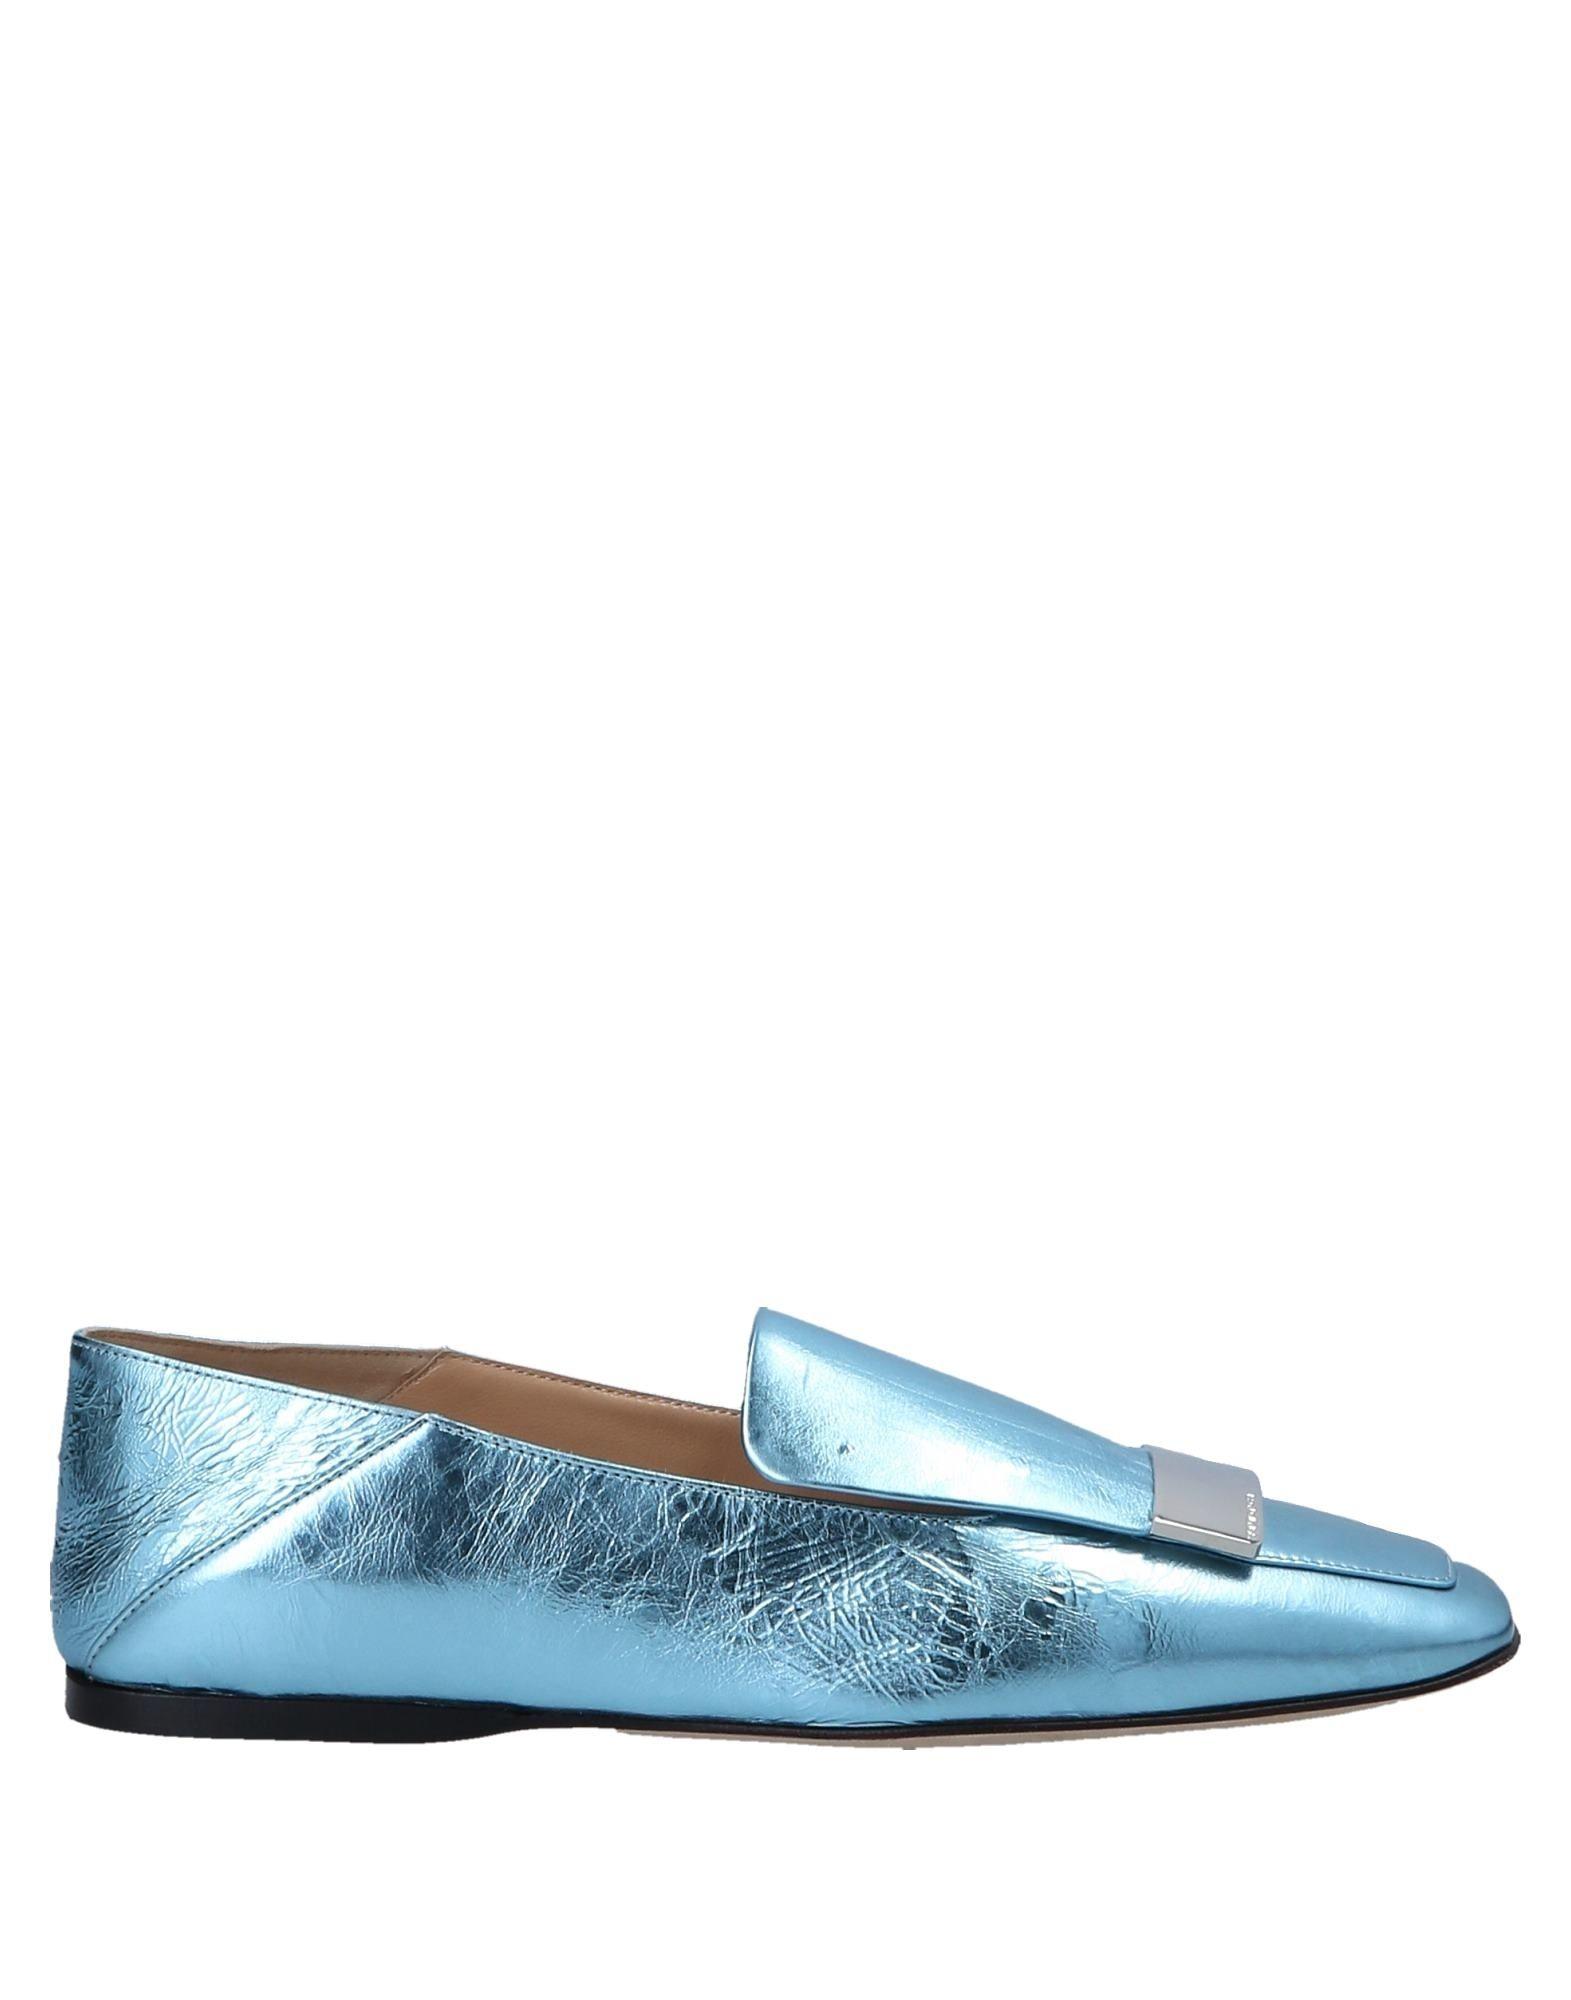 Sergio Rossi Mokassins Damen  11563996VEGünstige gut aussehende Schuhe